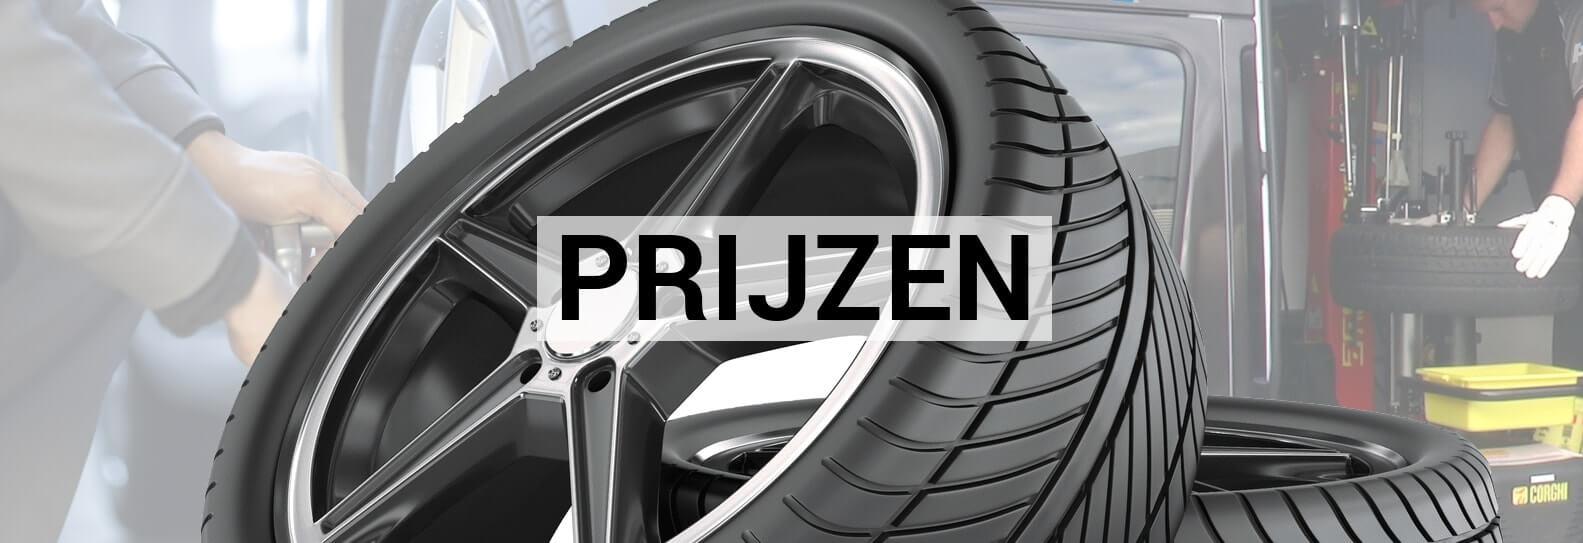 Prijzen Autobanden Kopen Nieuwe Banden Bestel Je Bij